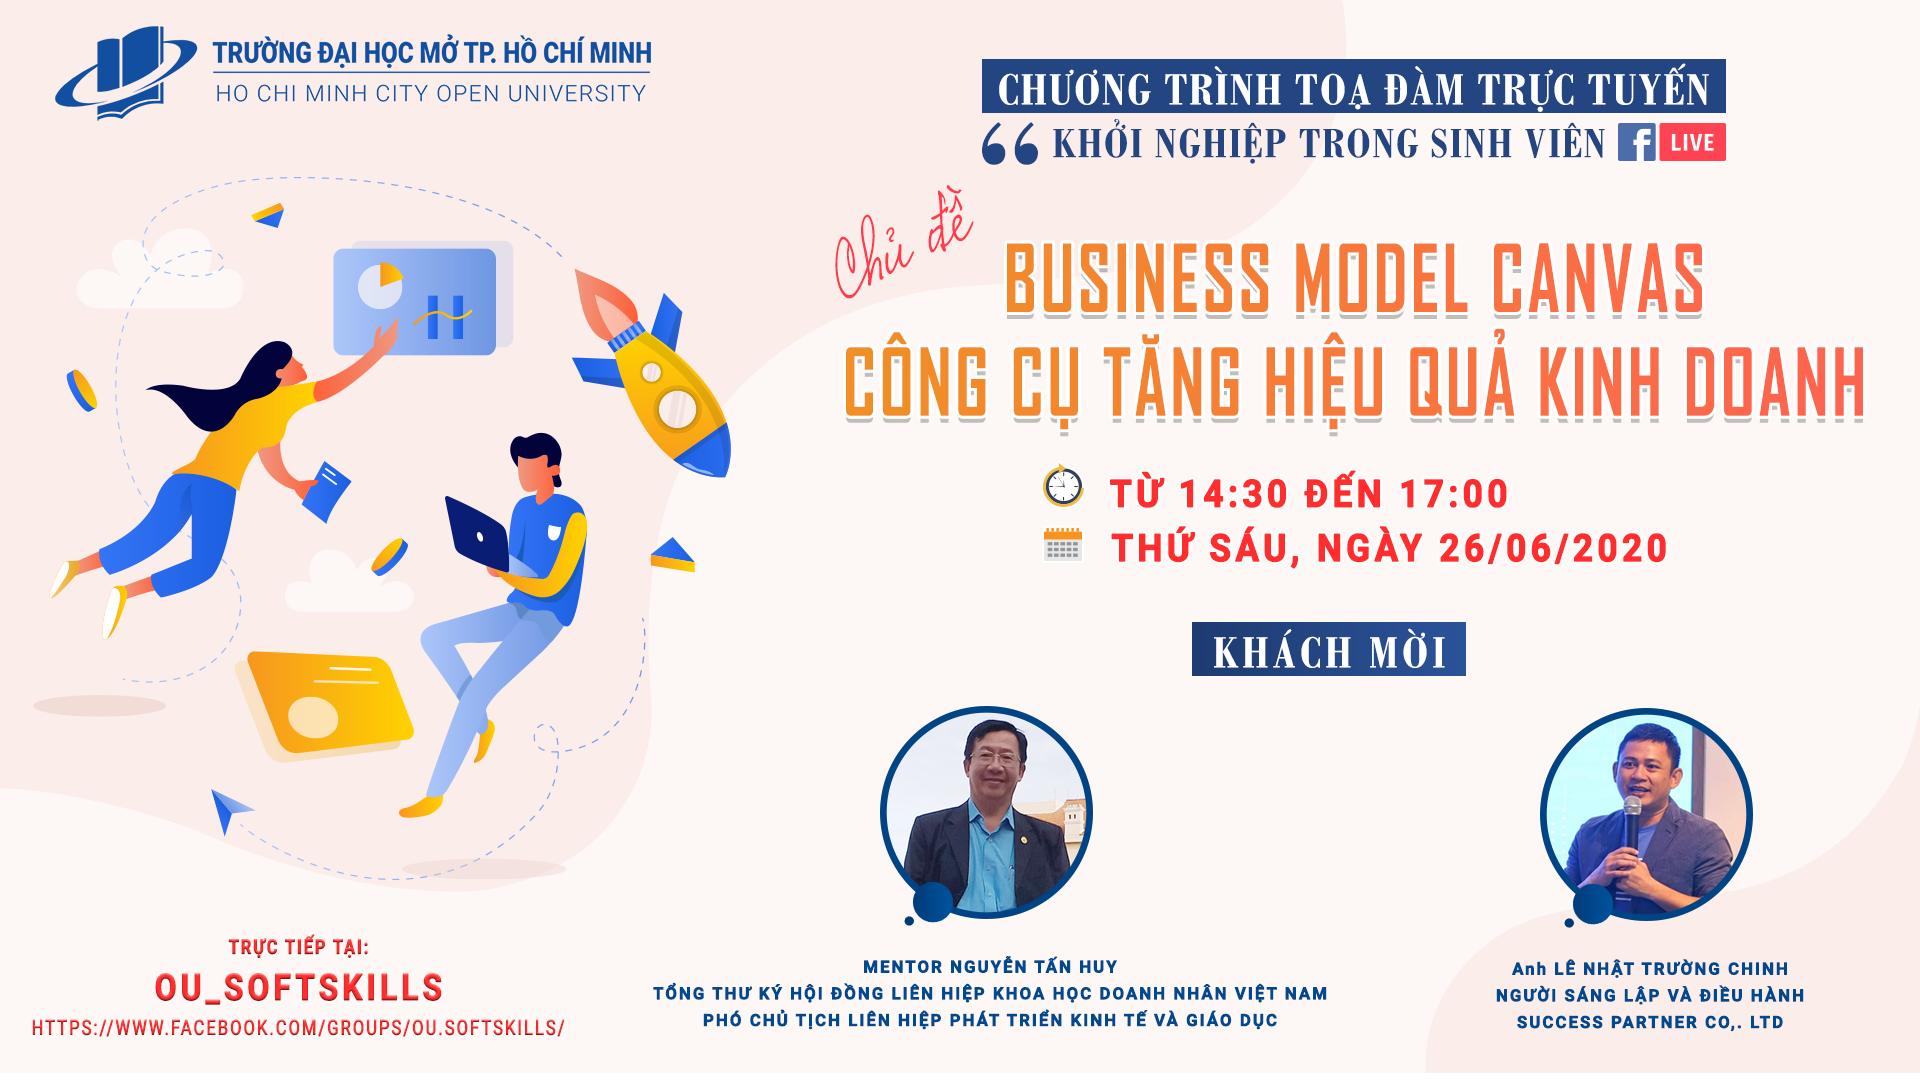 """Thông báo Về việc tổ chức chương trình Tọa đàm """"Khởi nghiệp trong sinh viên"""" Chủ đề: """"Business Model Canvas – Công cụ tăng hiệu quả kinh doanh"""""""